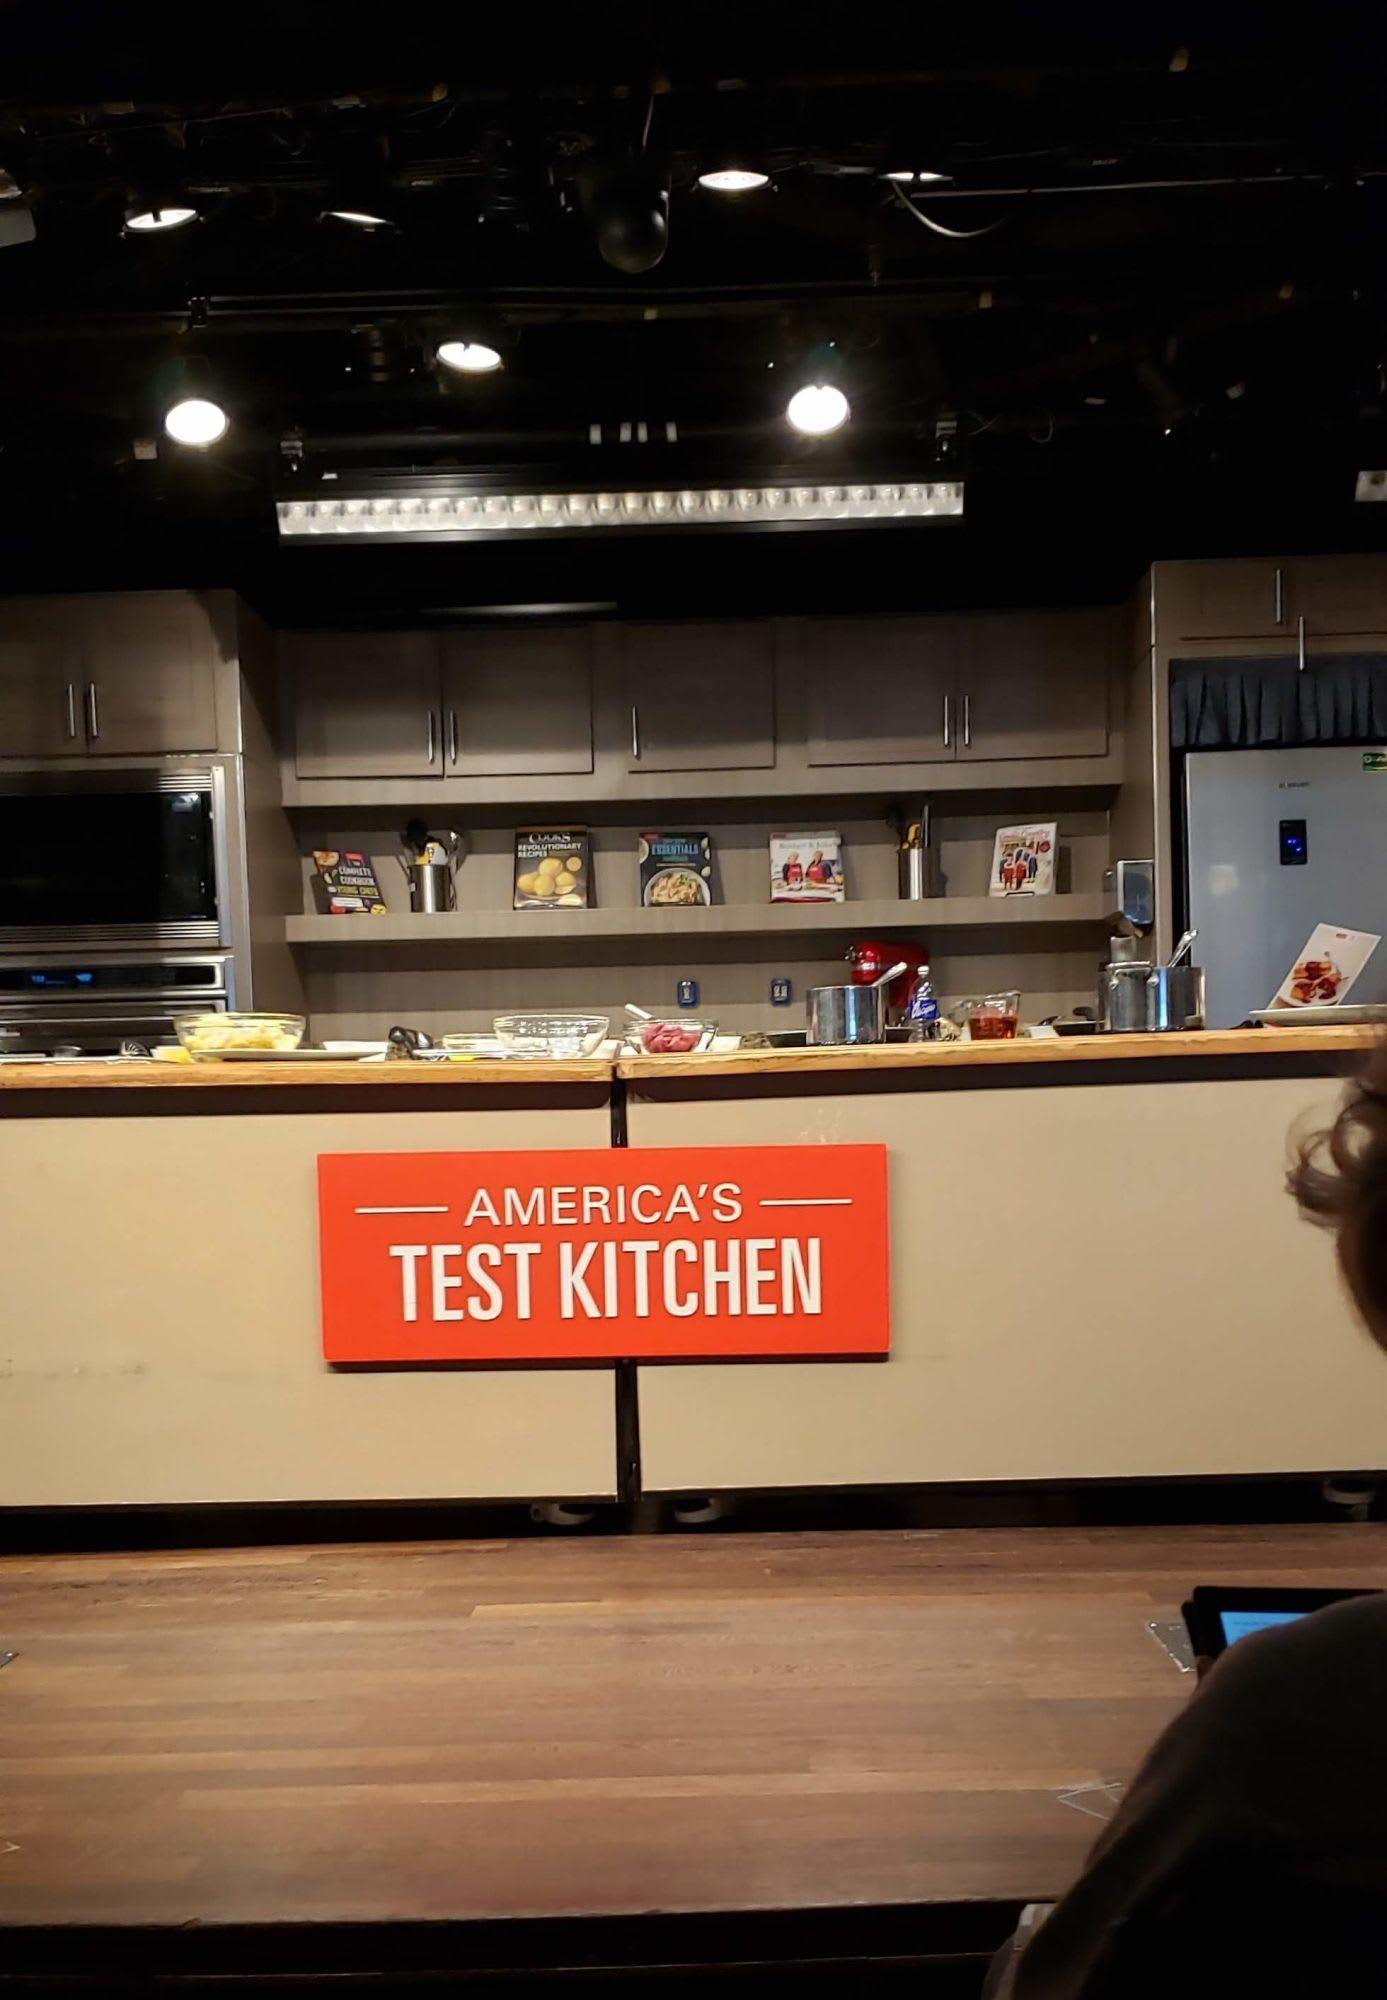 お料理ショーのスタジオ。レンジもオーブンも全部可動で、この場で出来上がります